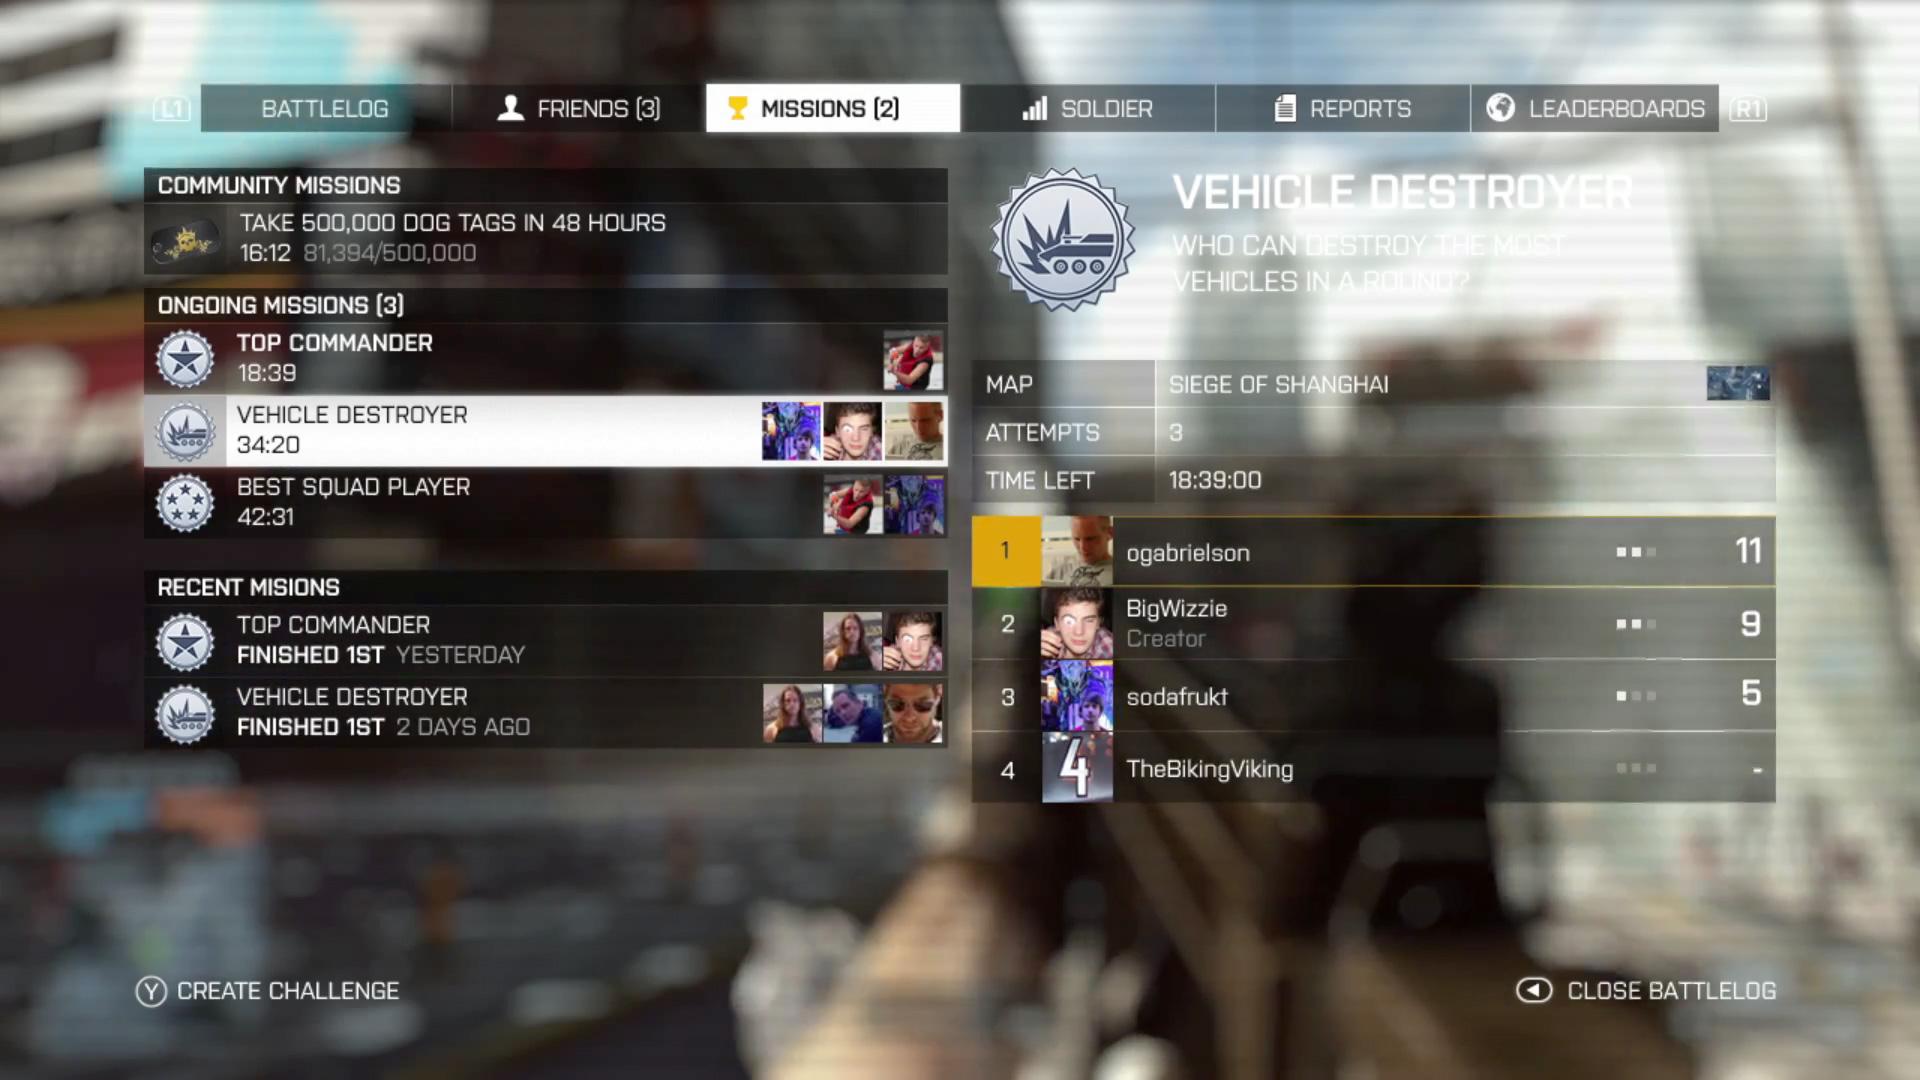 Battlefield 4 - Battlelog